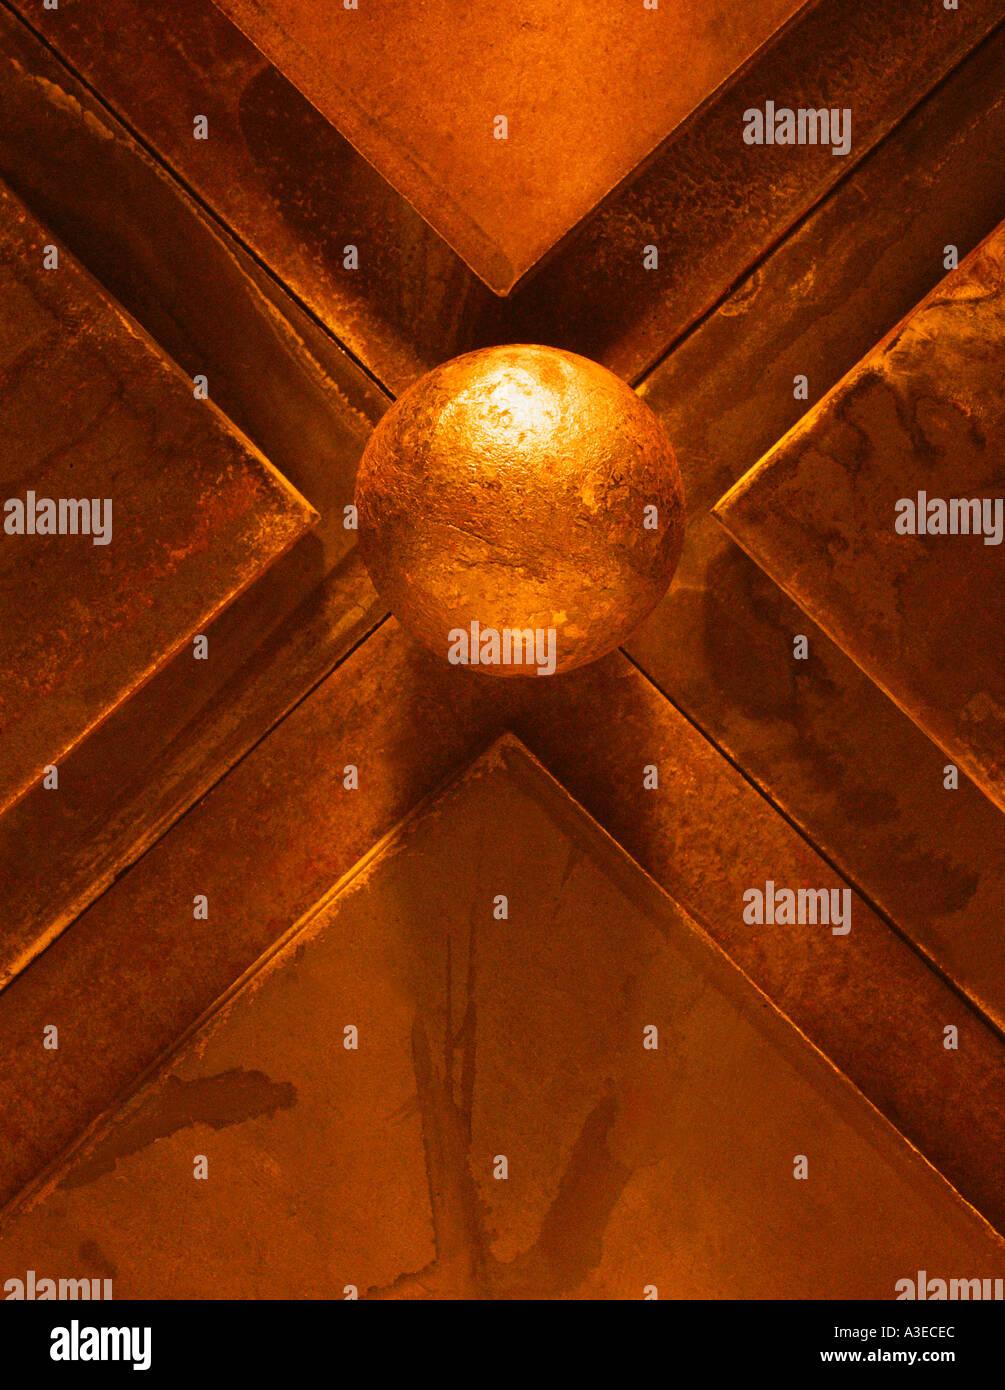 Rayo de luz que ilumina la vida todavía geométrica abstracta de esfera y triángulos Imagen De Stock